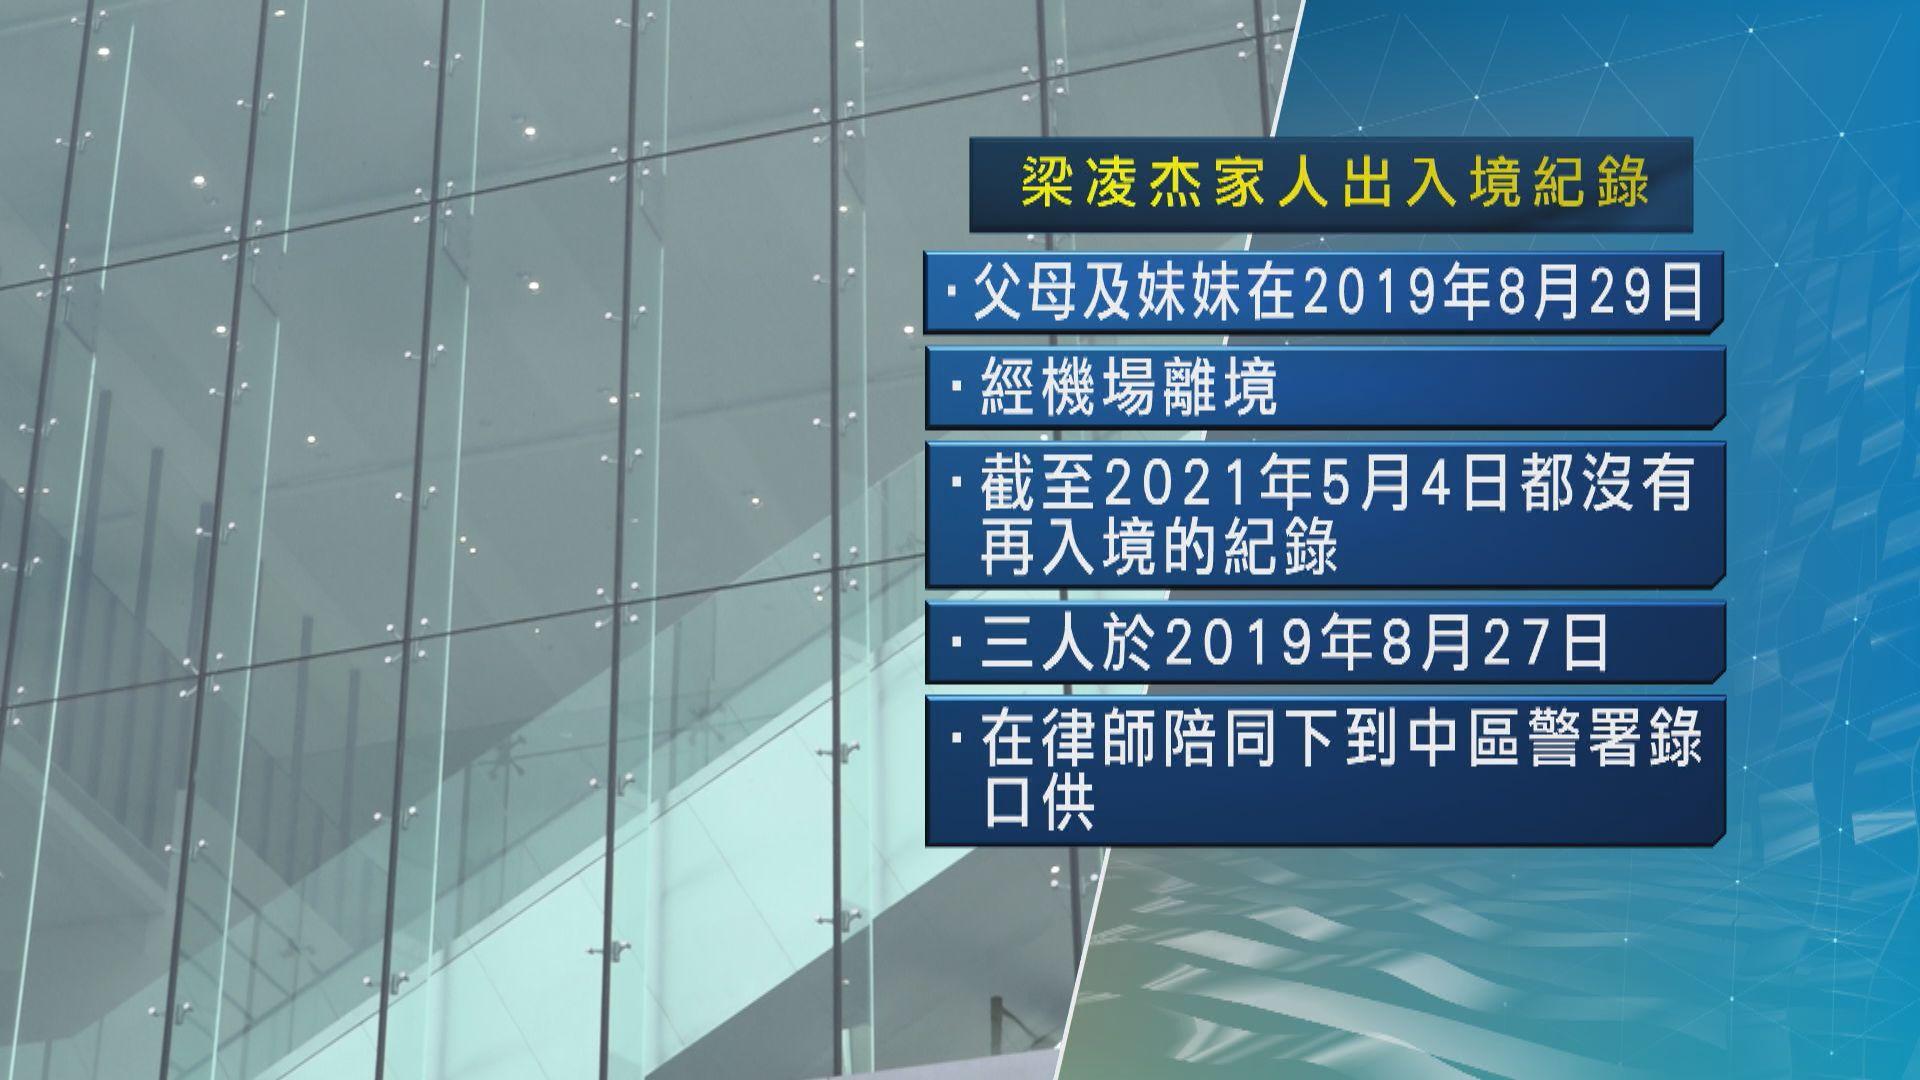 梁凌杰太古廣場墮斃死因研訊 入境紀錄顯示父母前年離港